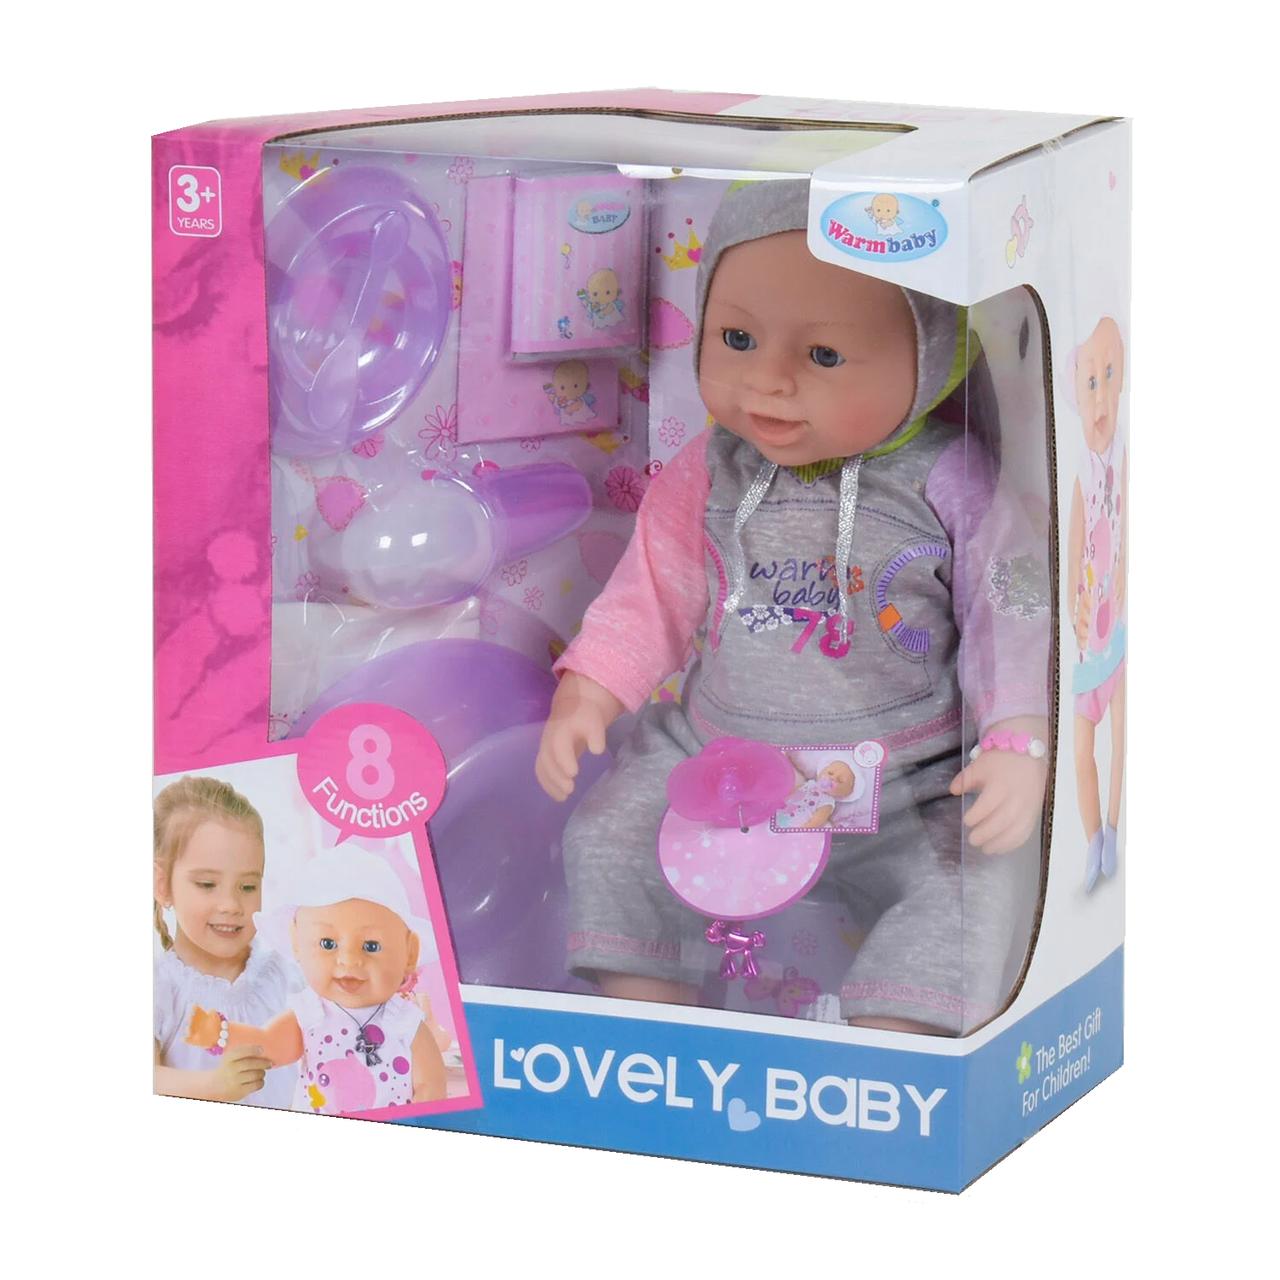 Інтерактивний пупс з аксесуарами Lovely Baby 42 см. Вид 9